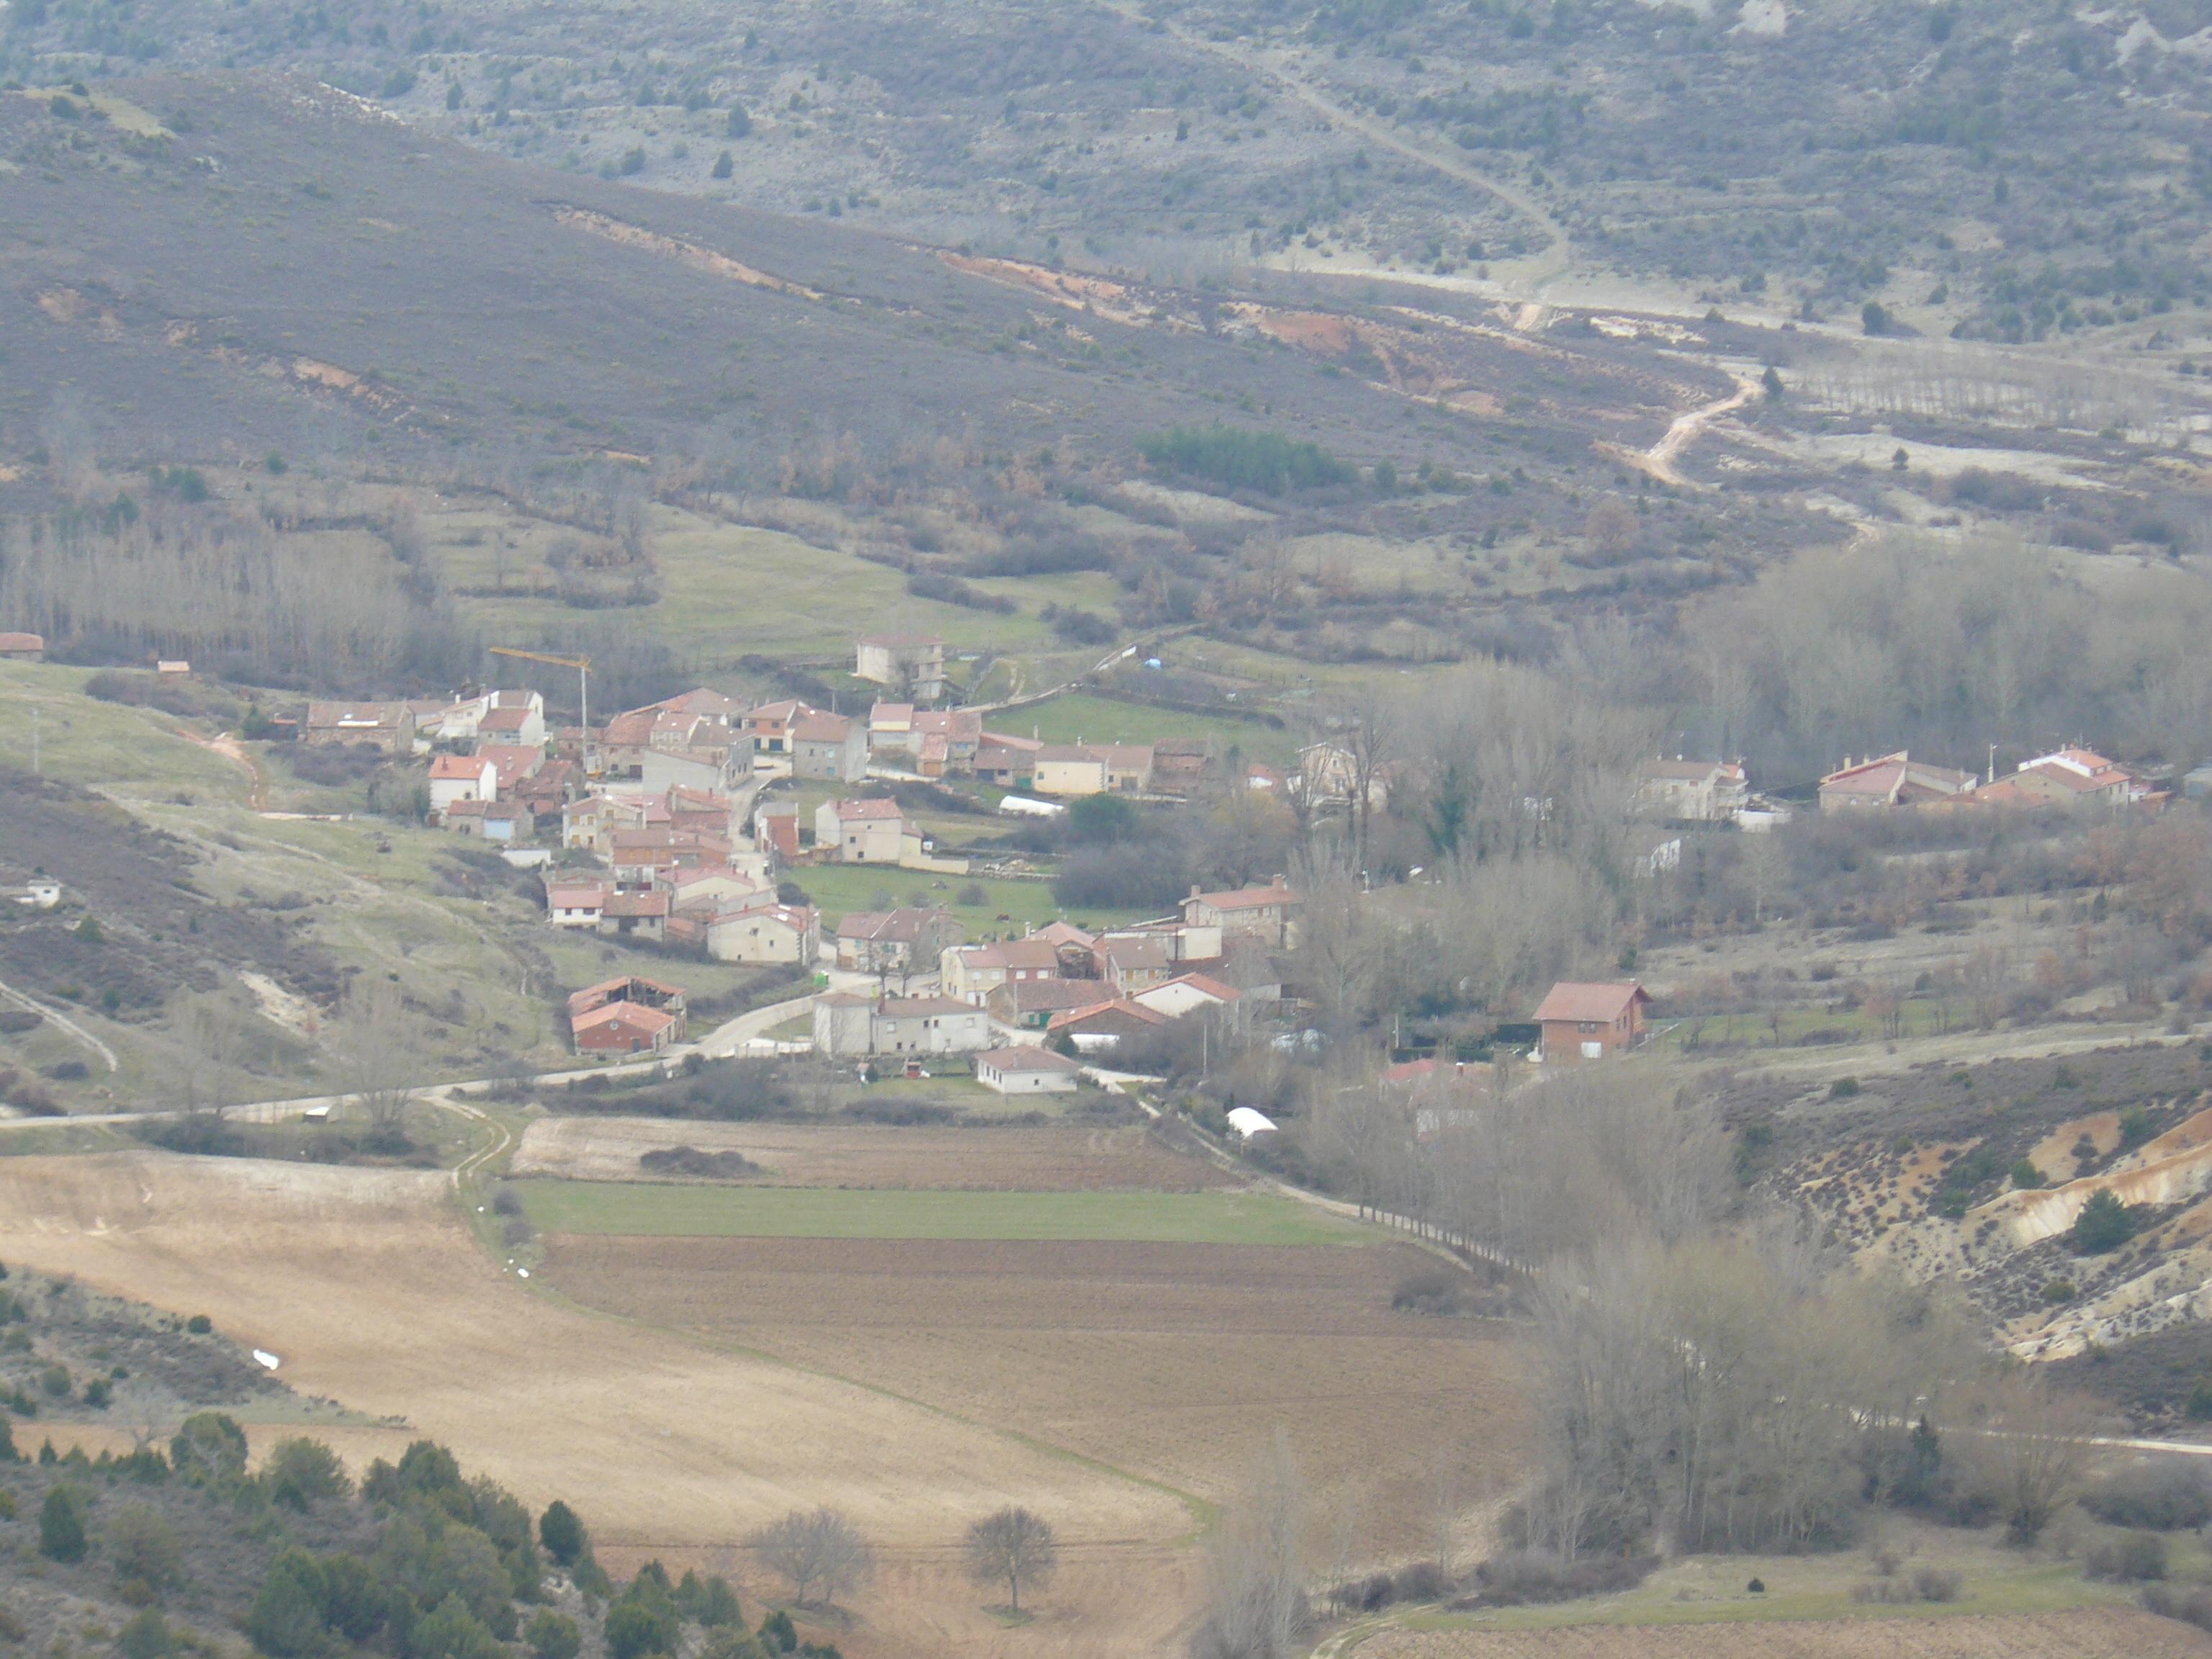 Carazo, Burgos